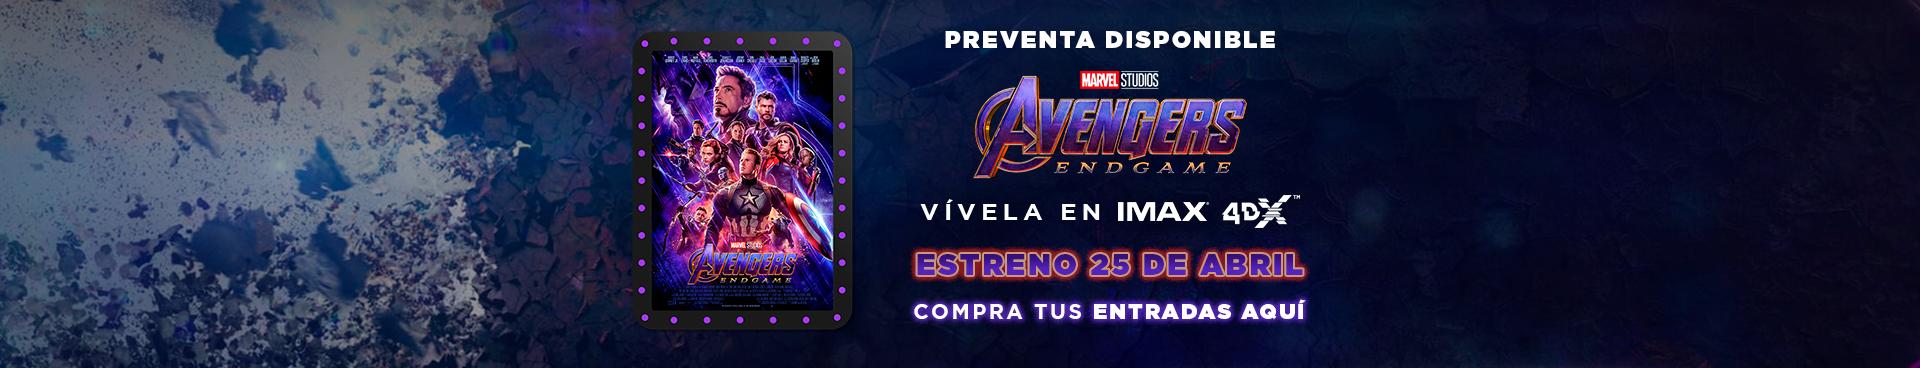 PREVENTA AVENGERS:ENDGAME DISPONIBLE, ESTRENO 25 DE ABRIL, VIVELA EN IMAX Y 4DX, COMPRA TU ENTRADAS AQUÍ